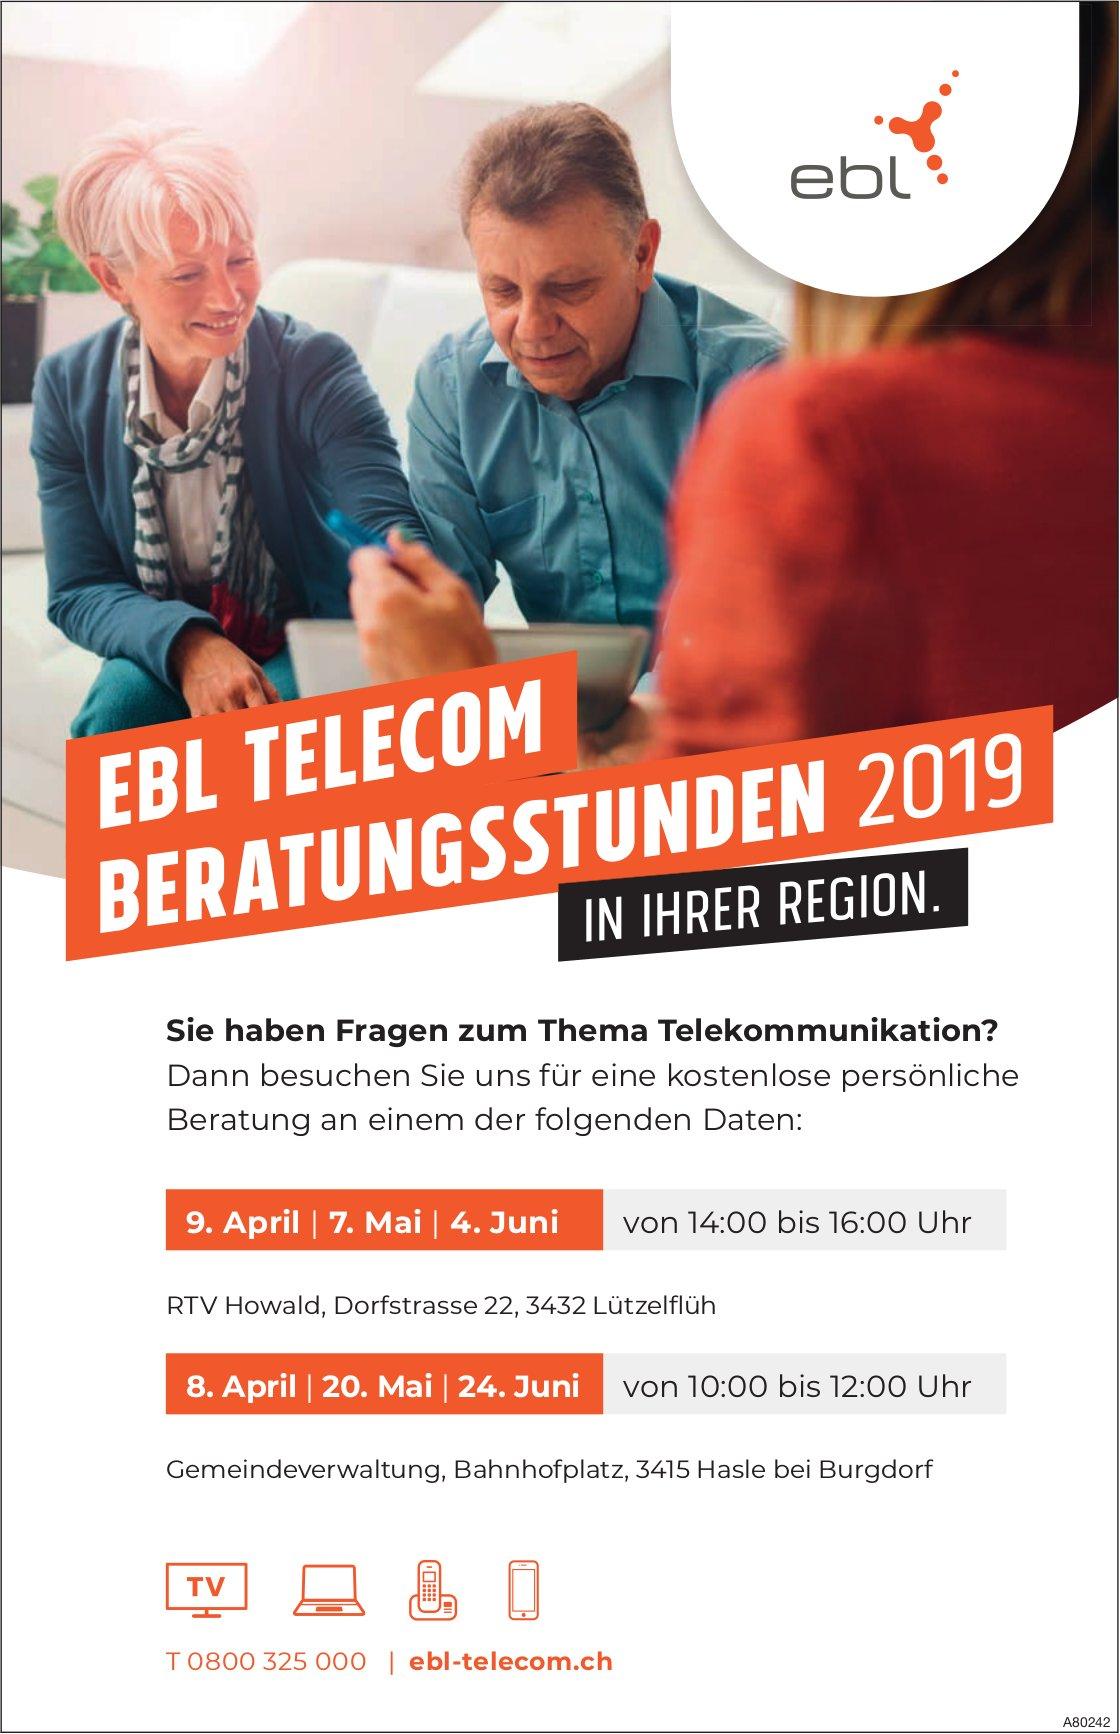 EBL TELECOM BERATUNGSSTUNDEN 2019 in ihrer Region, 8./9.April, 7. + 20. Mai & 4. + 24. Juni